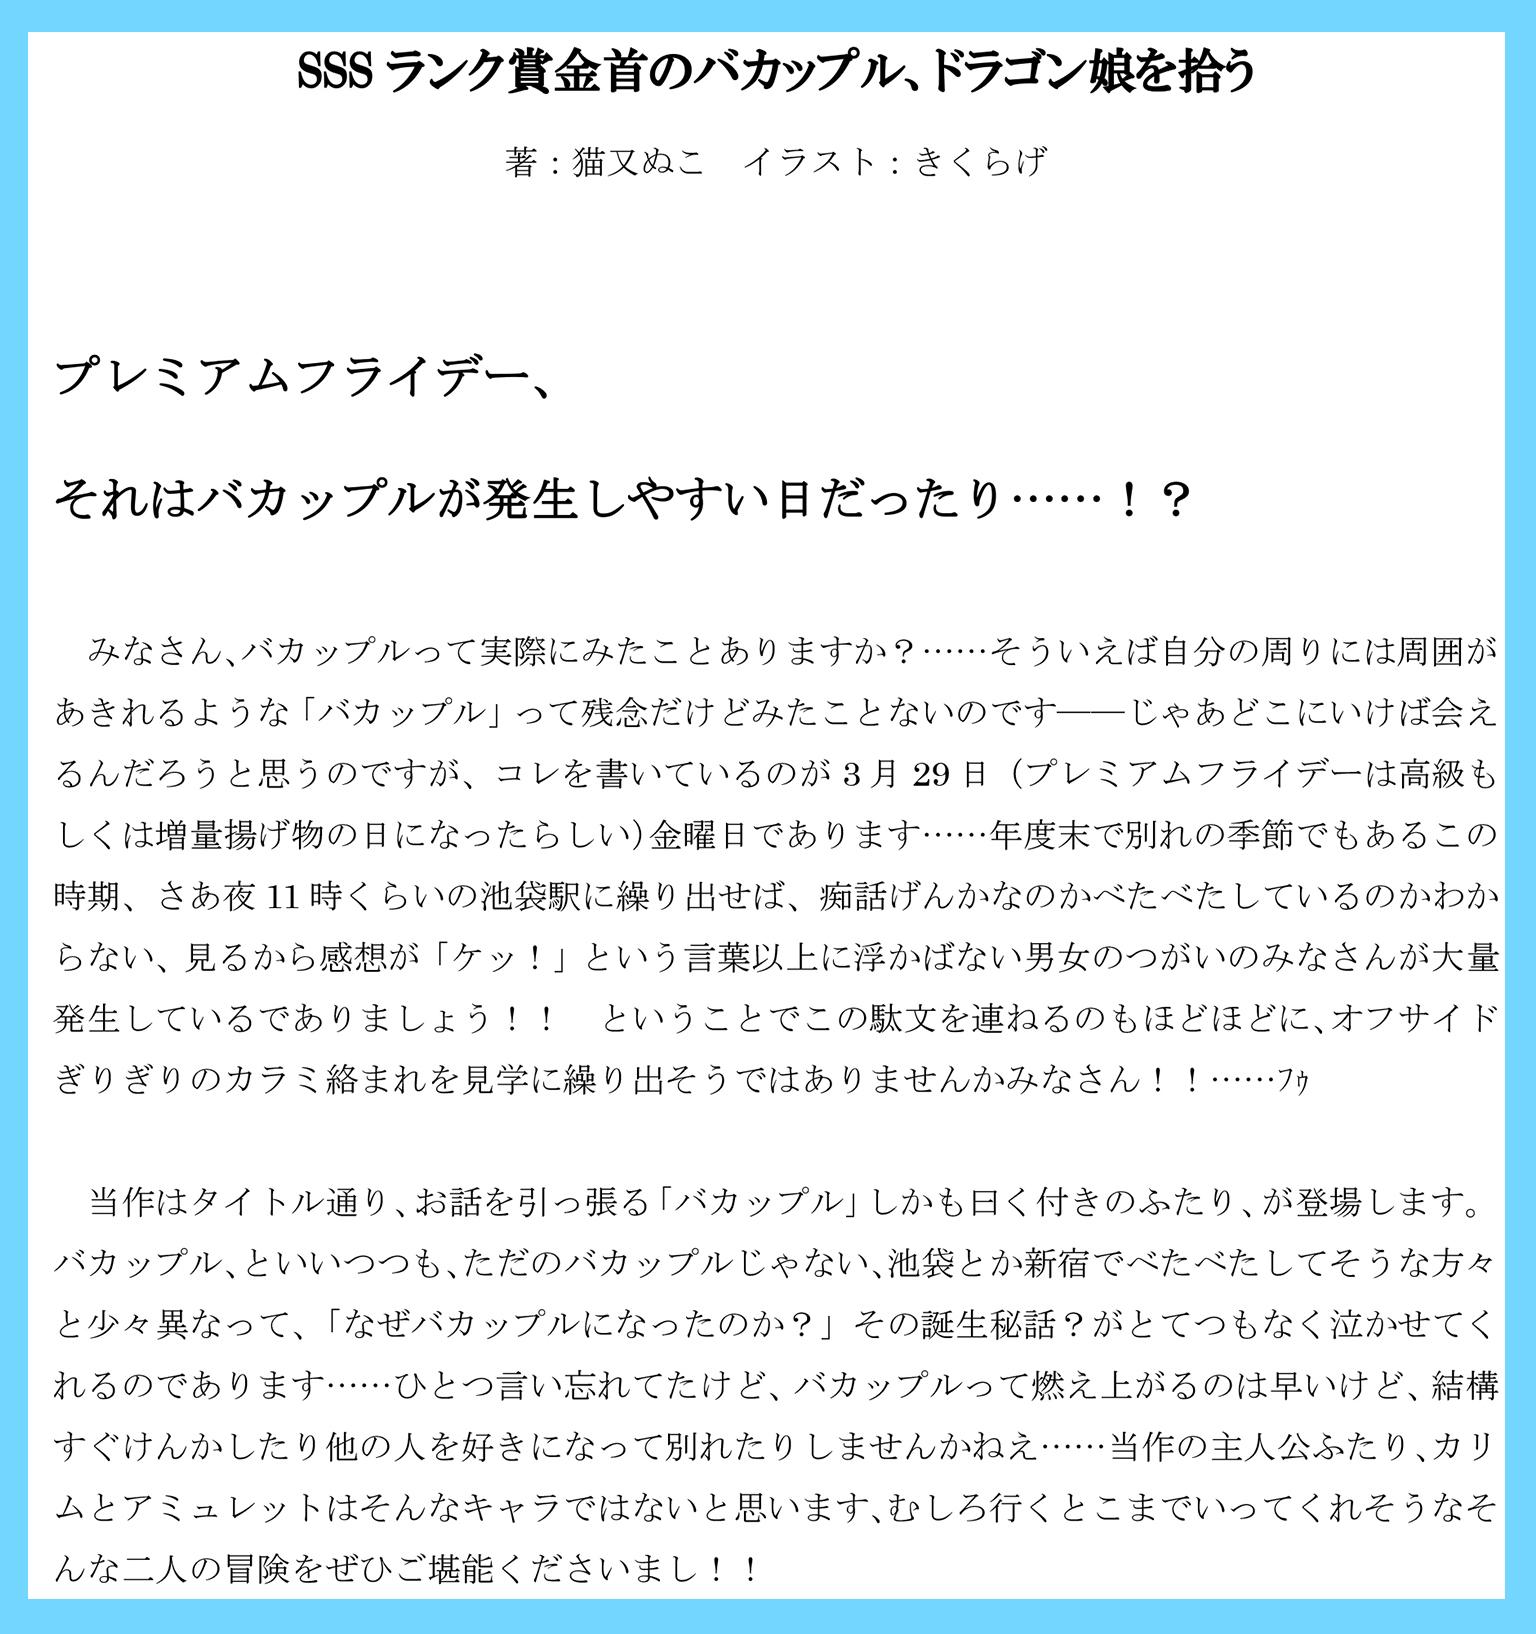 【SSS】BG